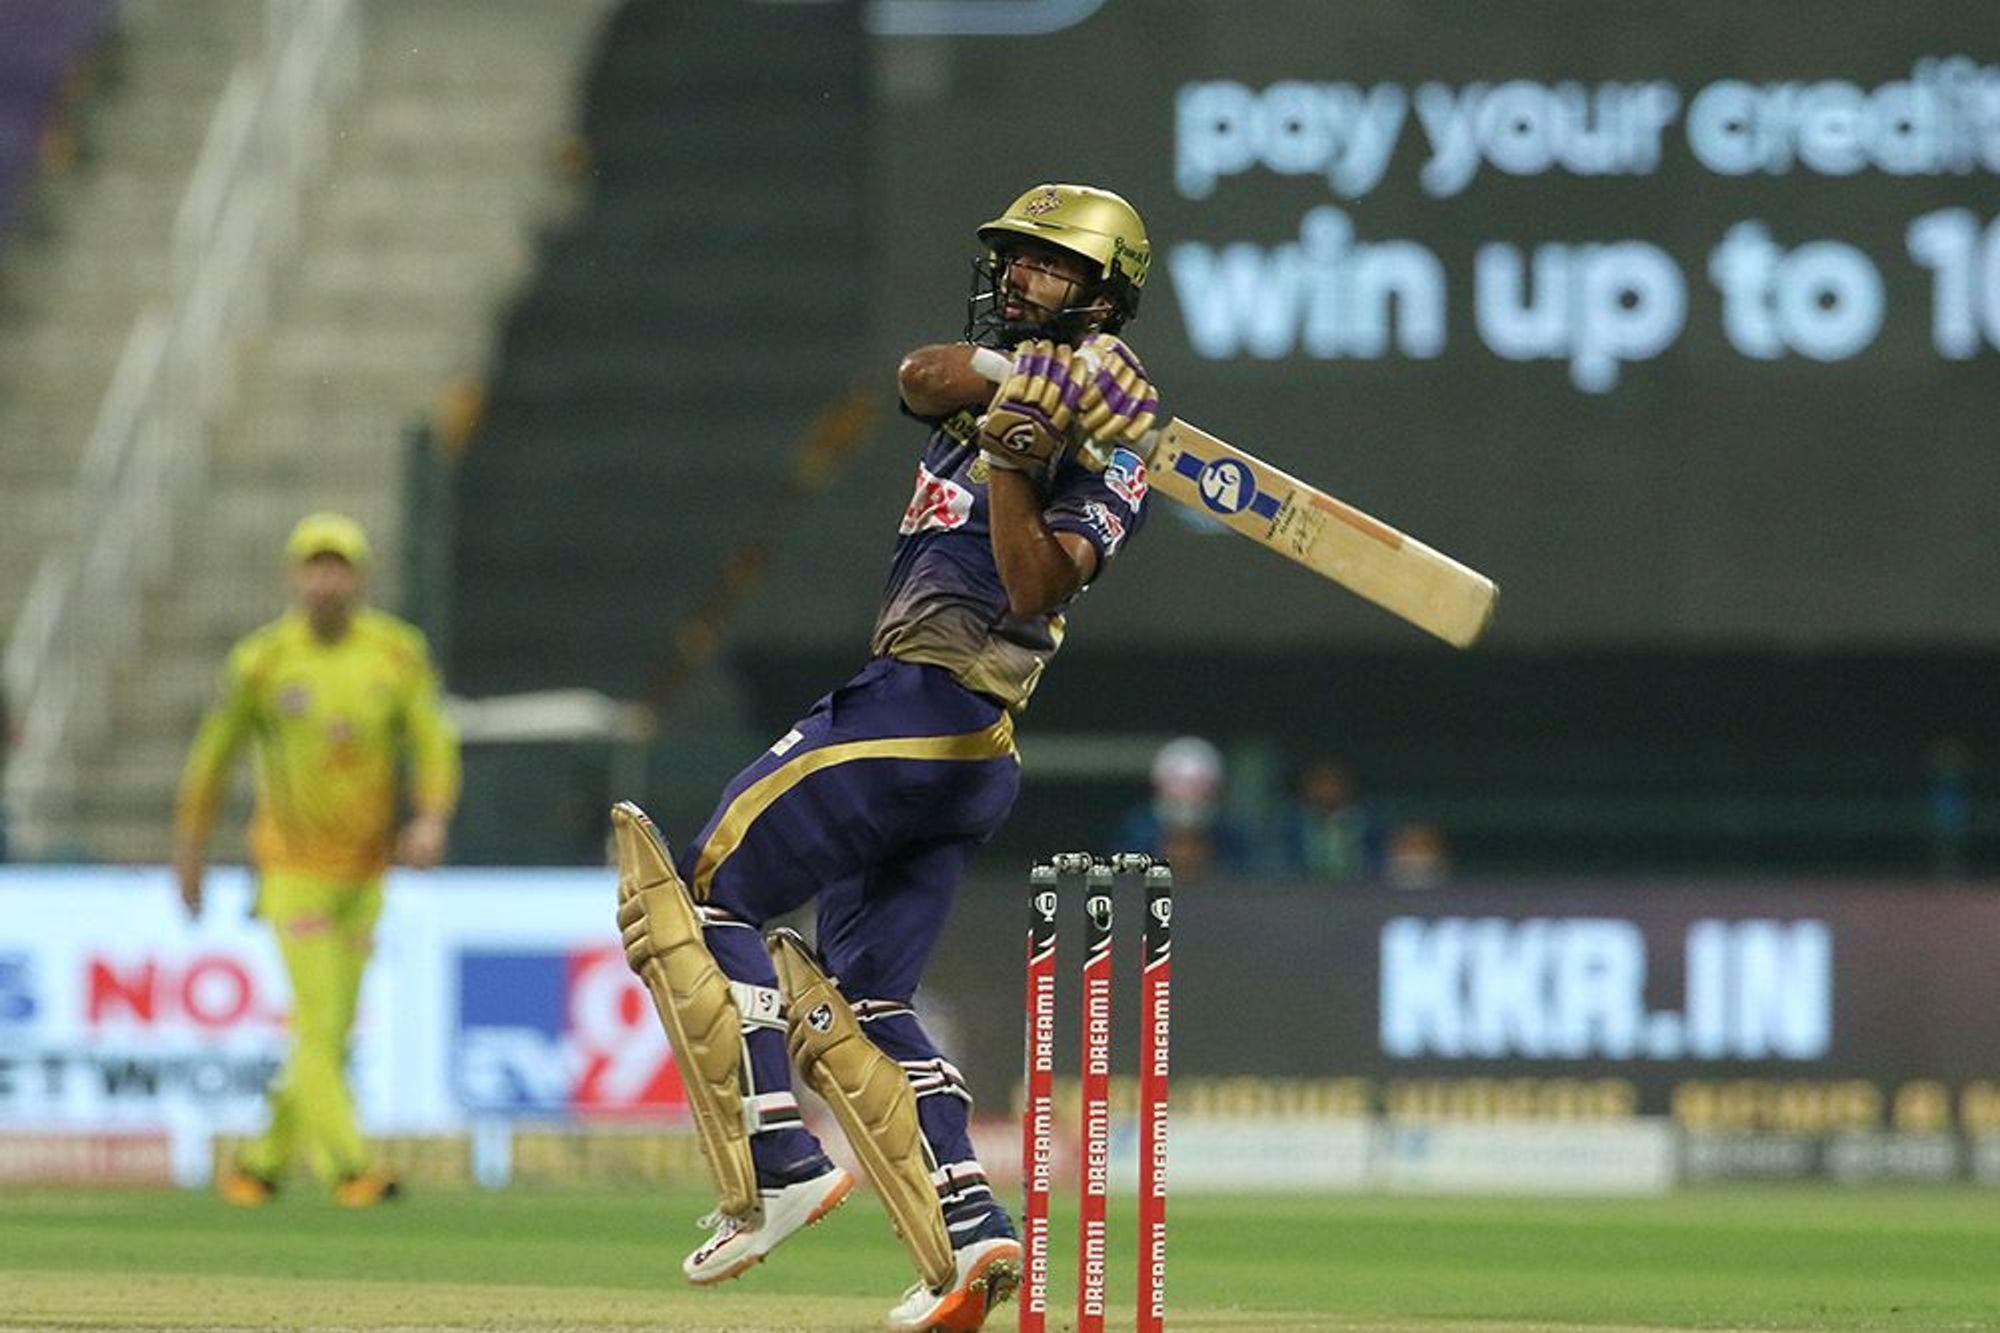 CSKvsKKR : कोलकाता ने बनाये 167 रन, इस खिलाड़ी को टीम इंडिया में शामिल करने की उठी मांग 2